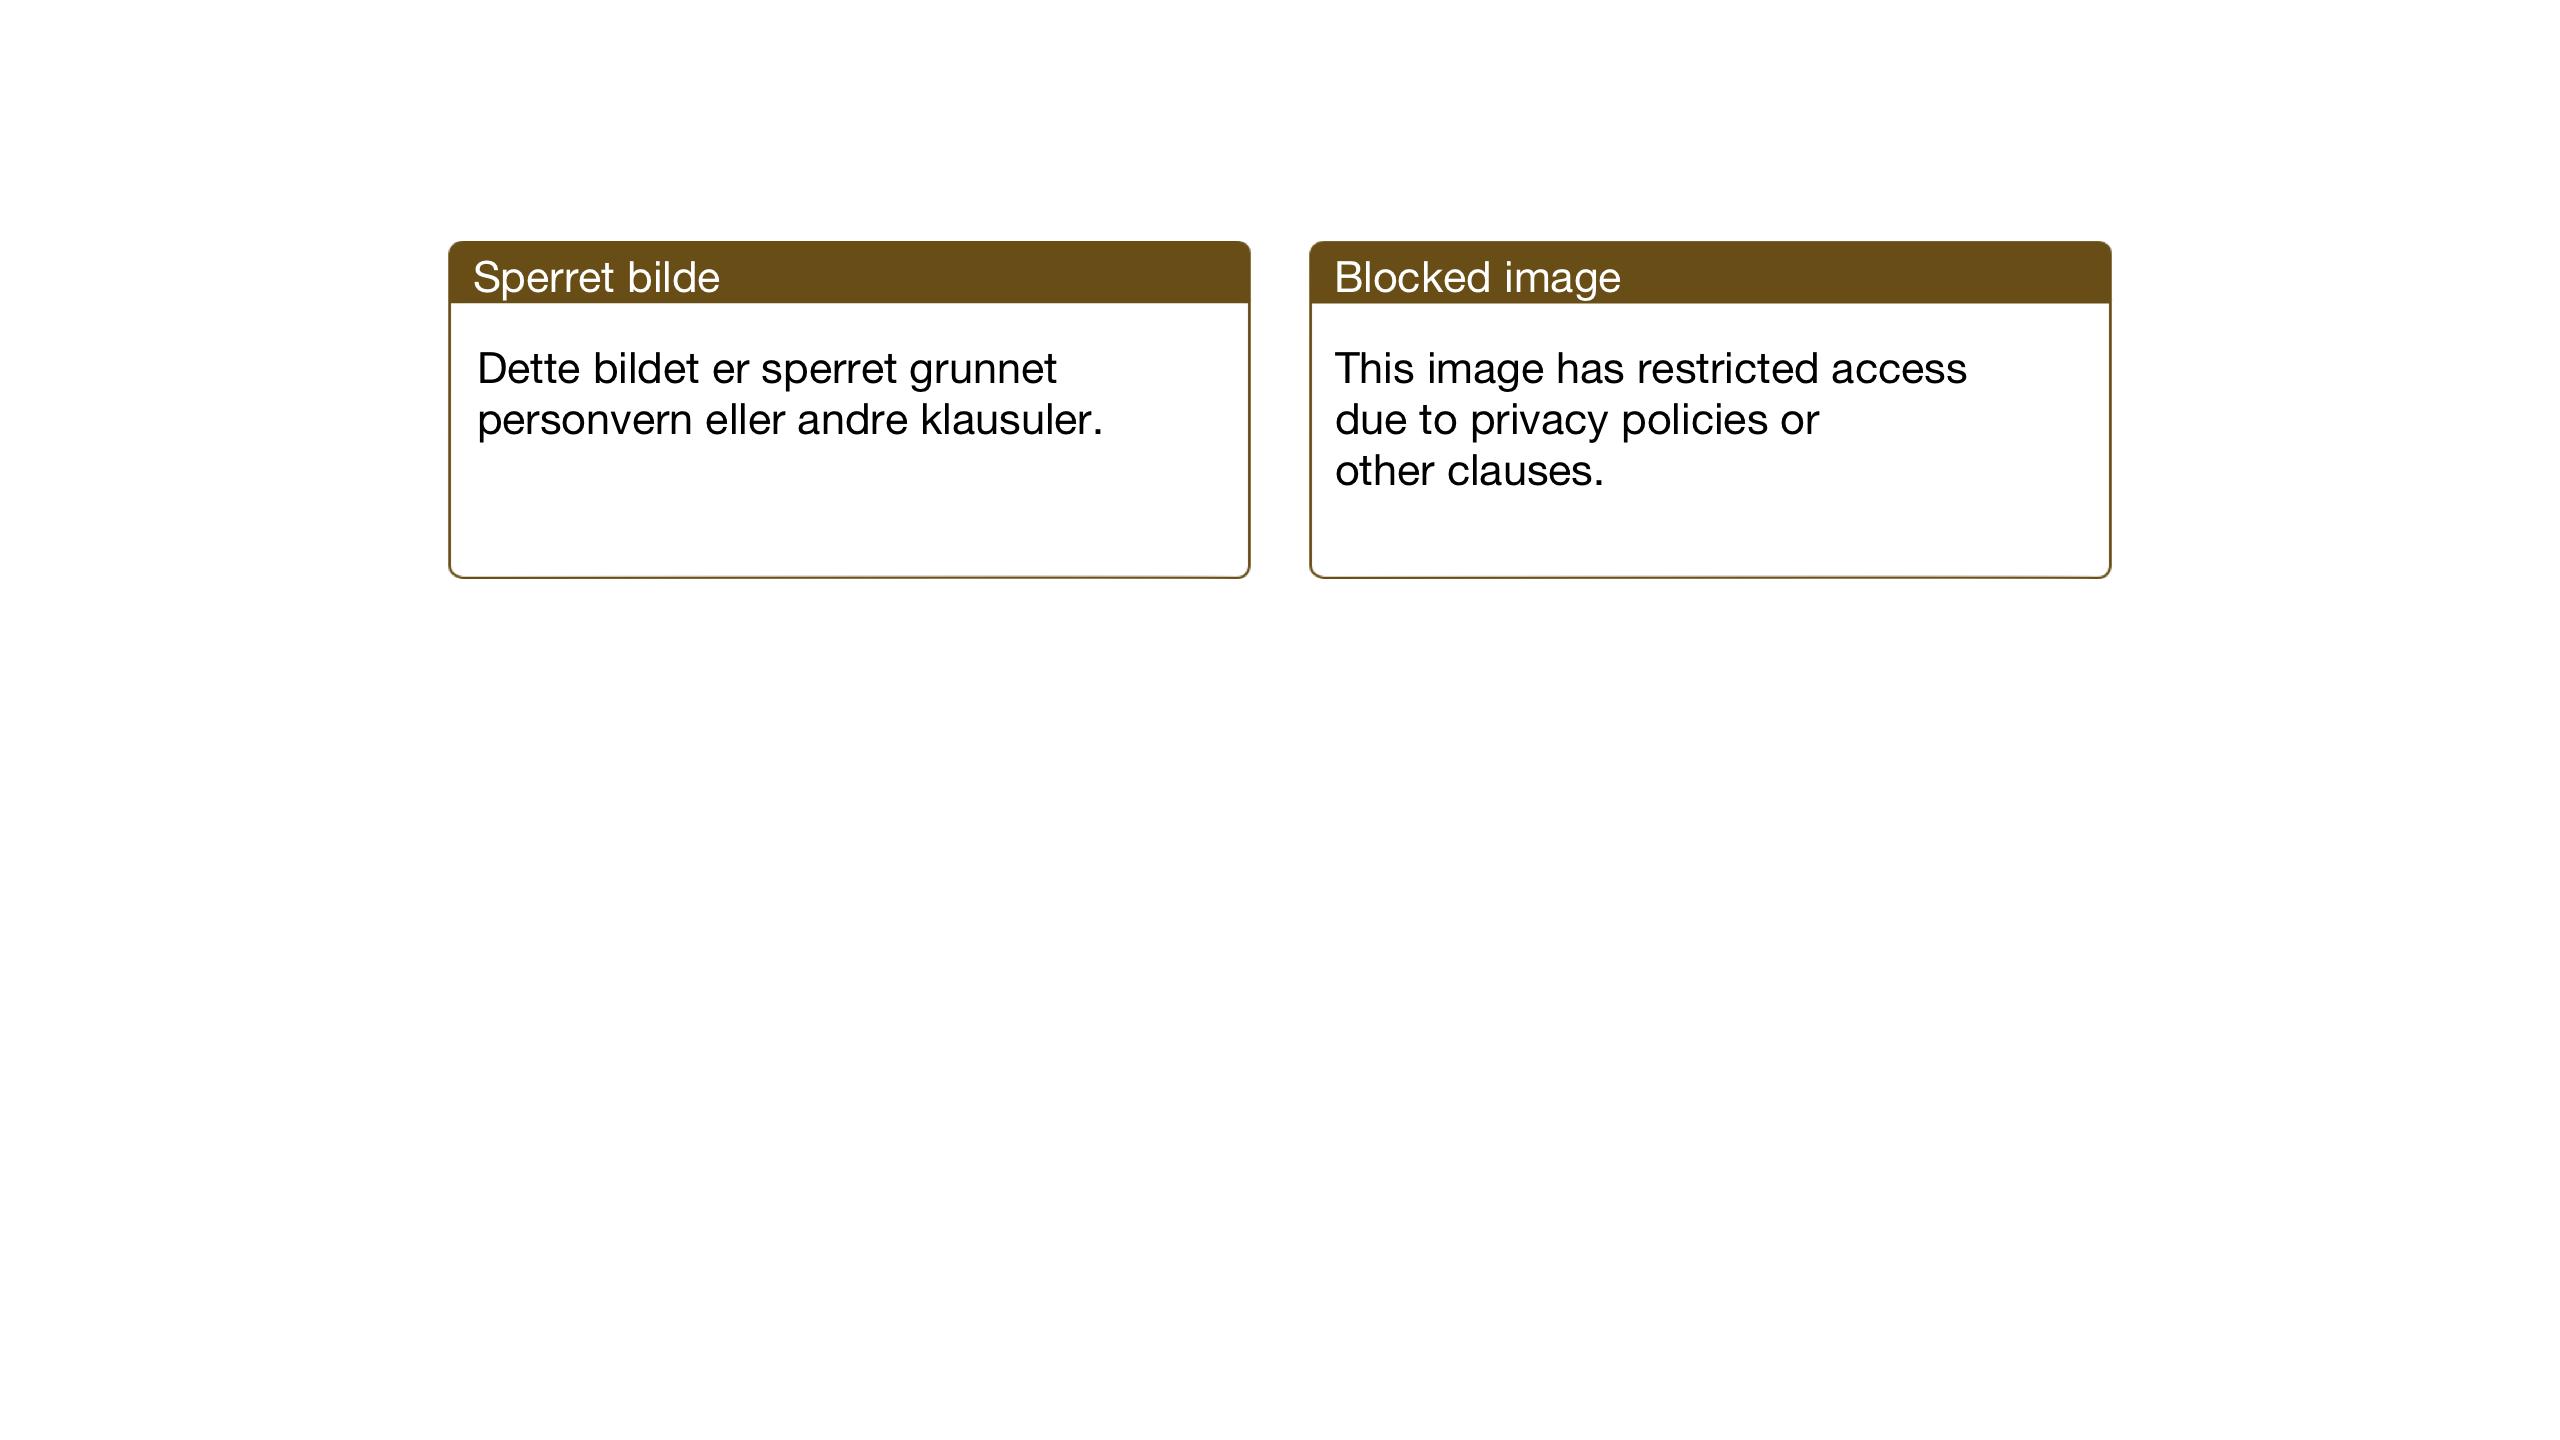 SAT, Ministerialprotokoller, klokkerbøker og fødselsregistre - Sør-Trøndelag, 674/L0878: Klokkerbok nr. 674C05, 1941-1950, s. 58